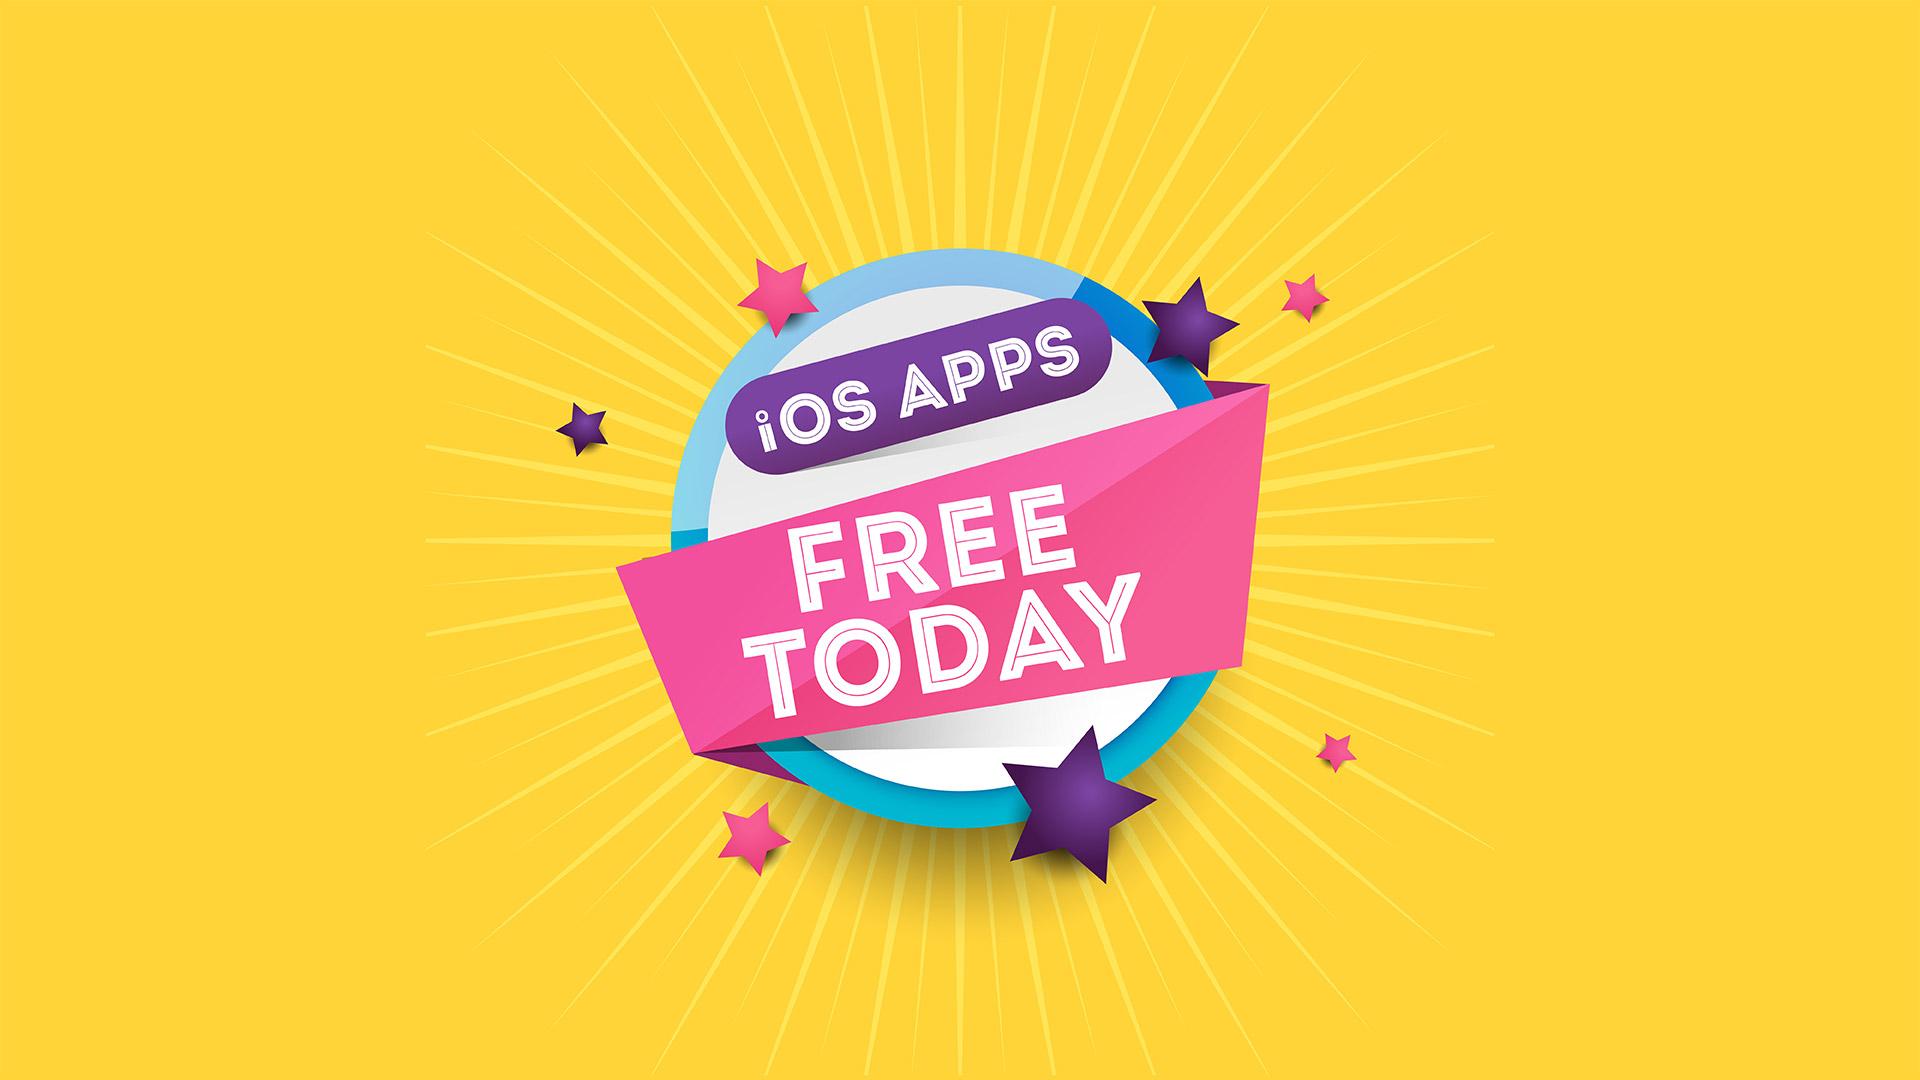 عرض على 24 تطبيق مجاني اليوم للايفون والايباد 15/3/2019 على متجر App Store